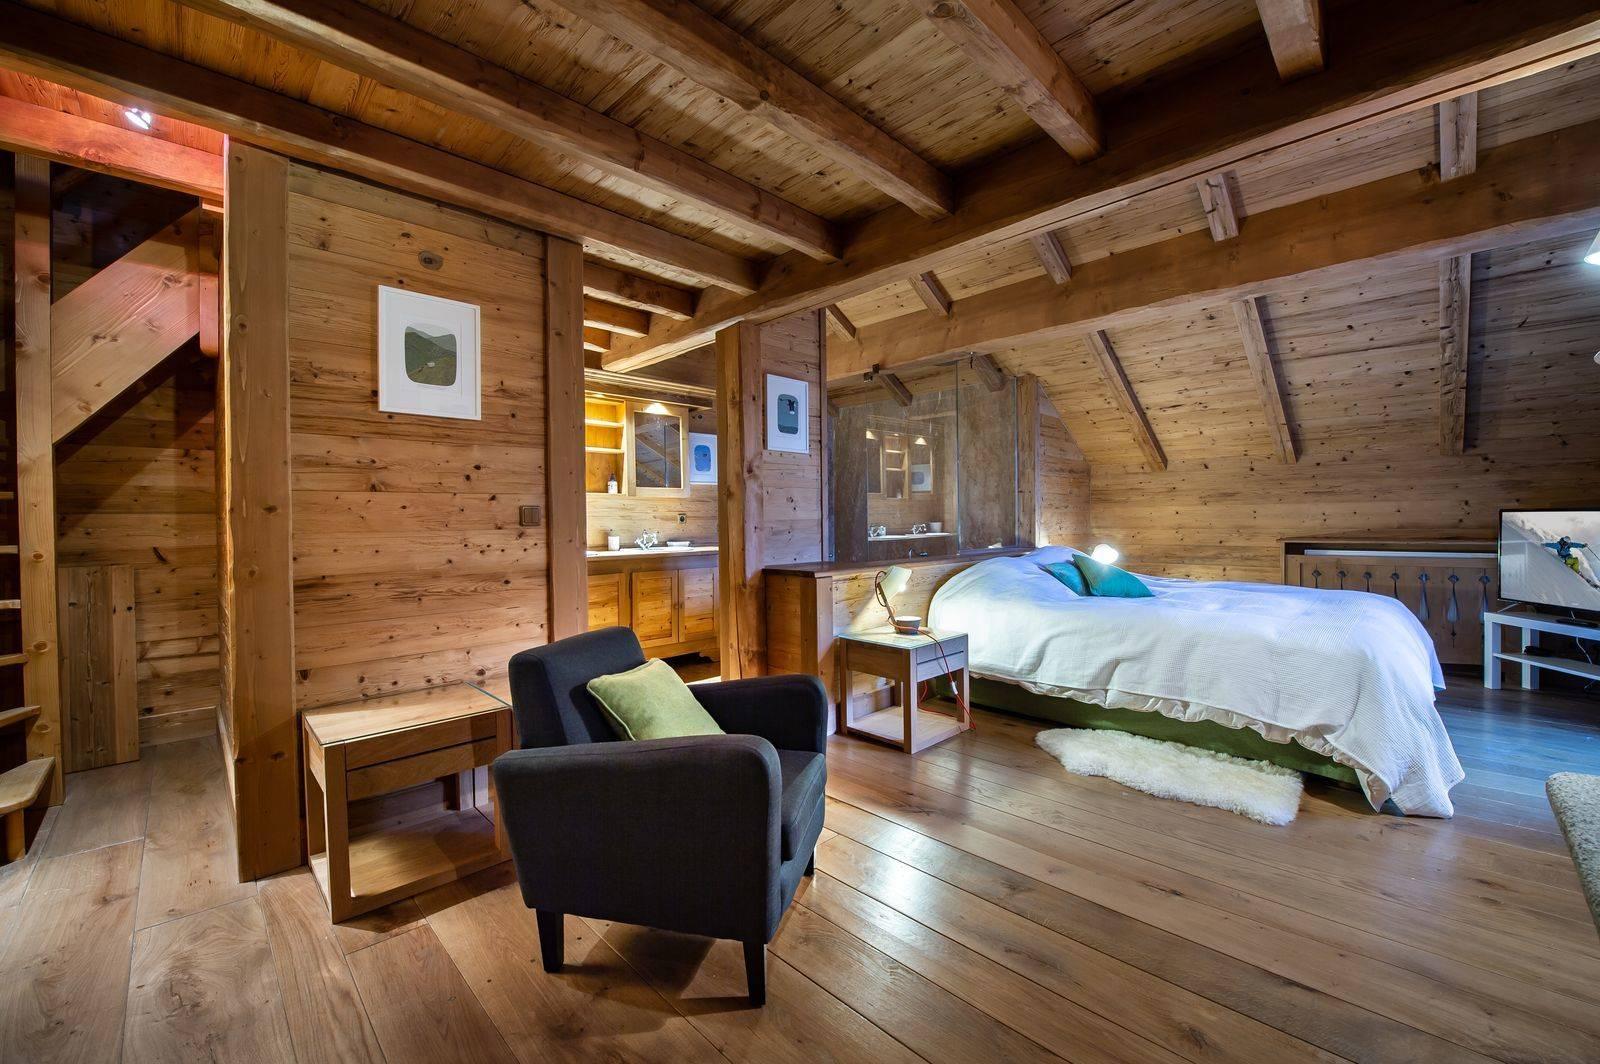 Double room chalet adalta Meribel